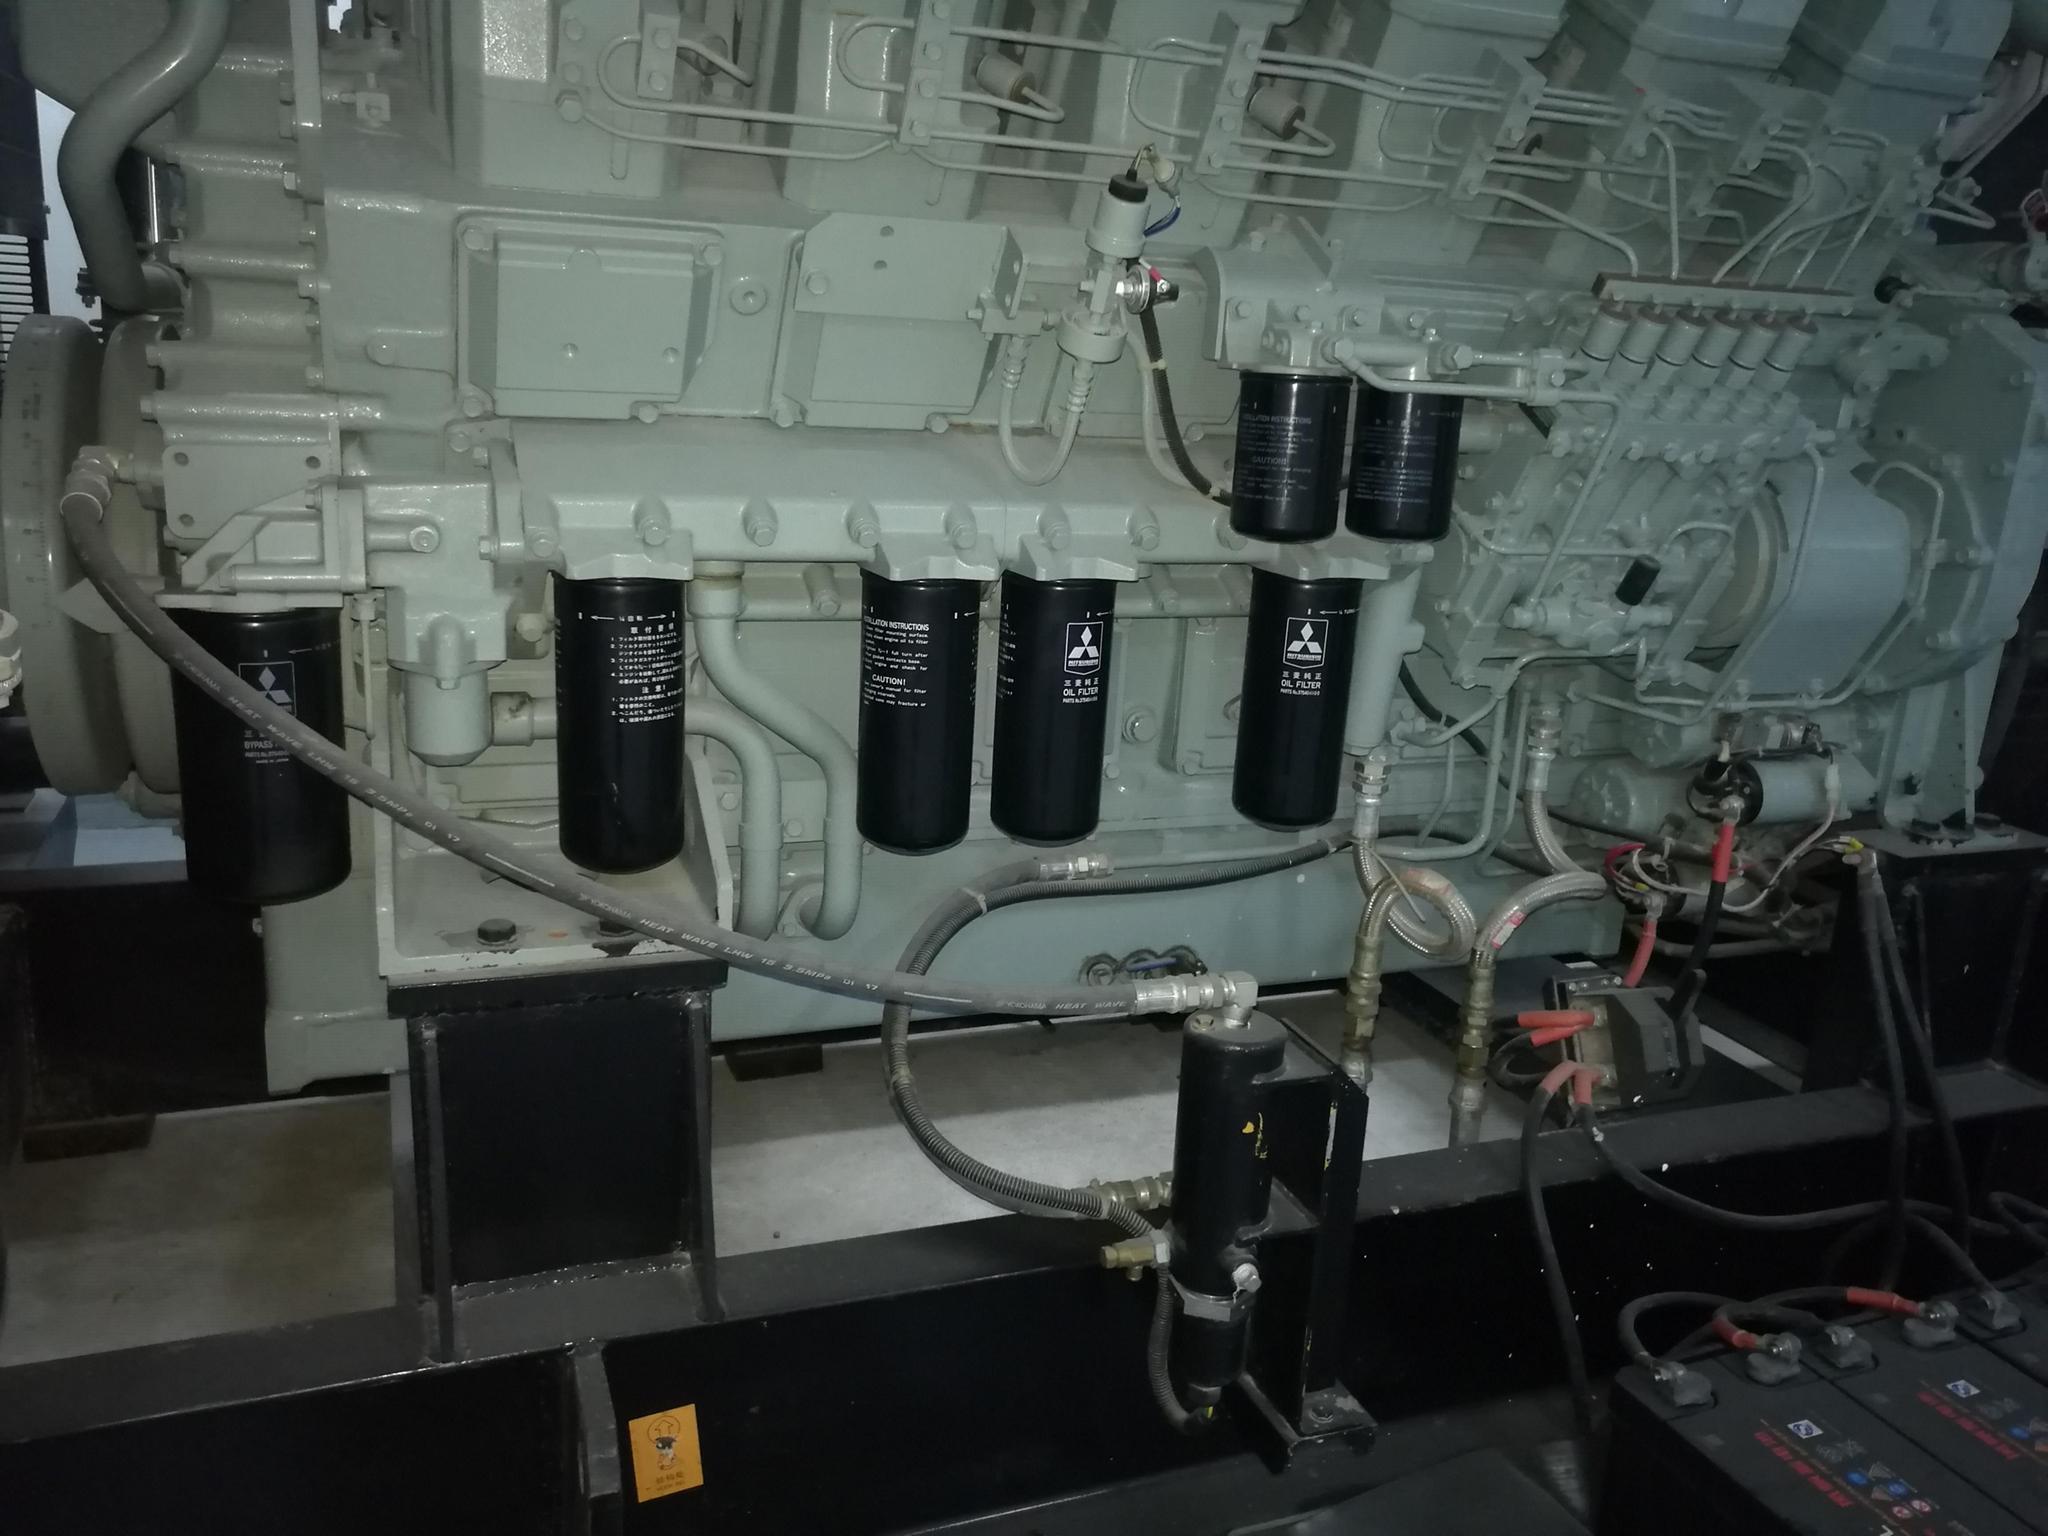 沃爾奔達三菱發電機 3